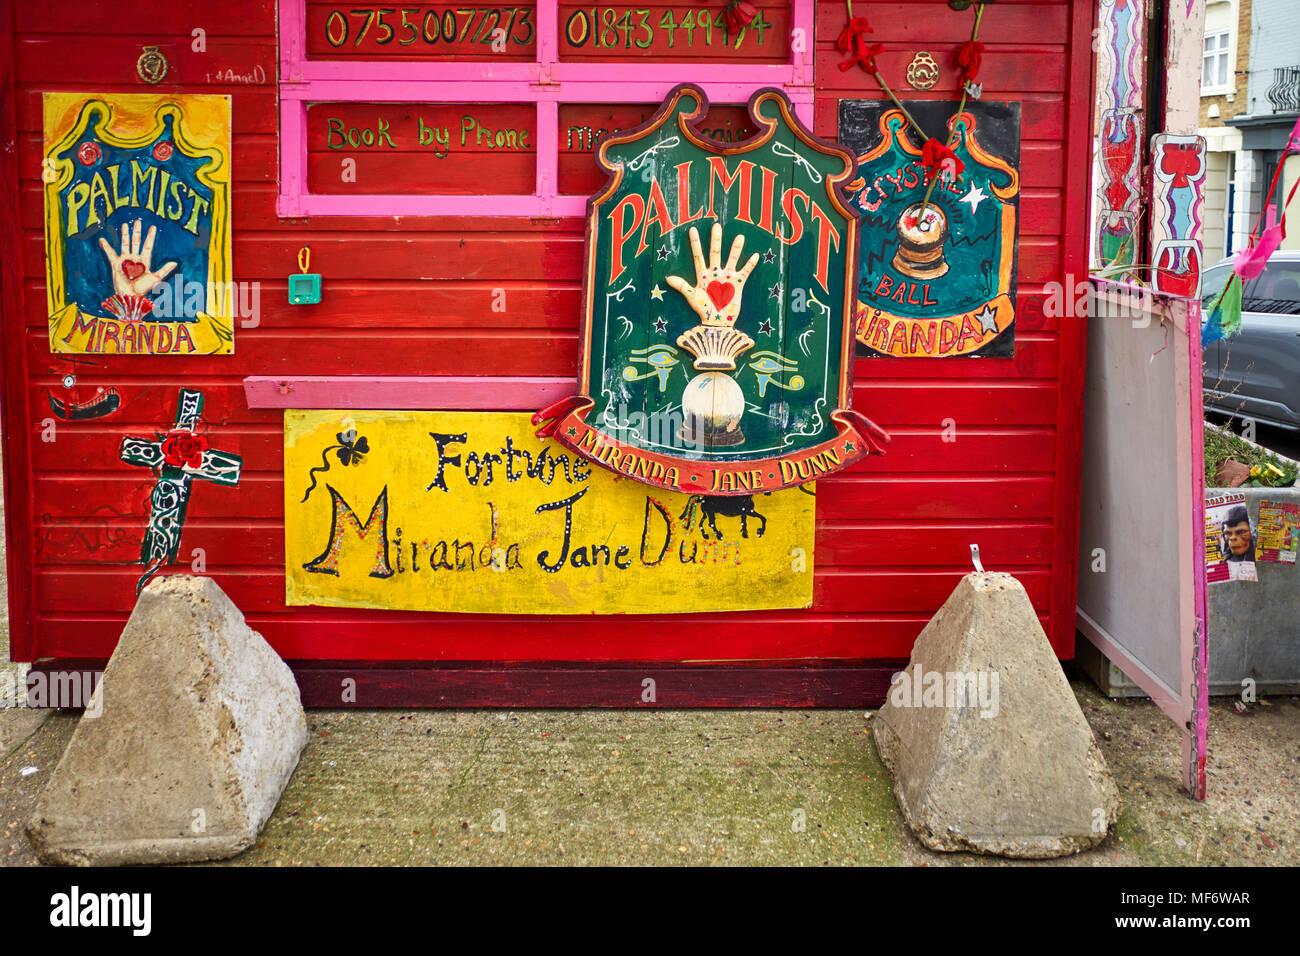 Fortune teller Miranda Jane Dunn at Fort Road, Margate, Kent - Stock Image